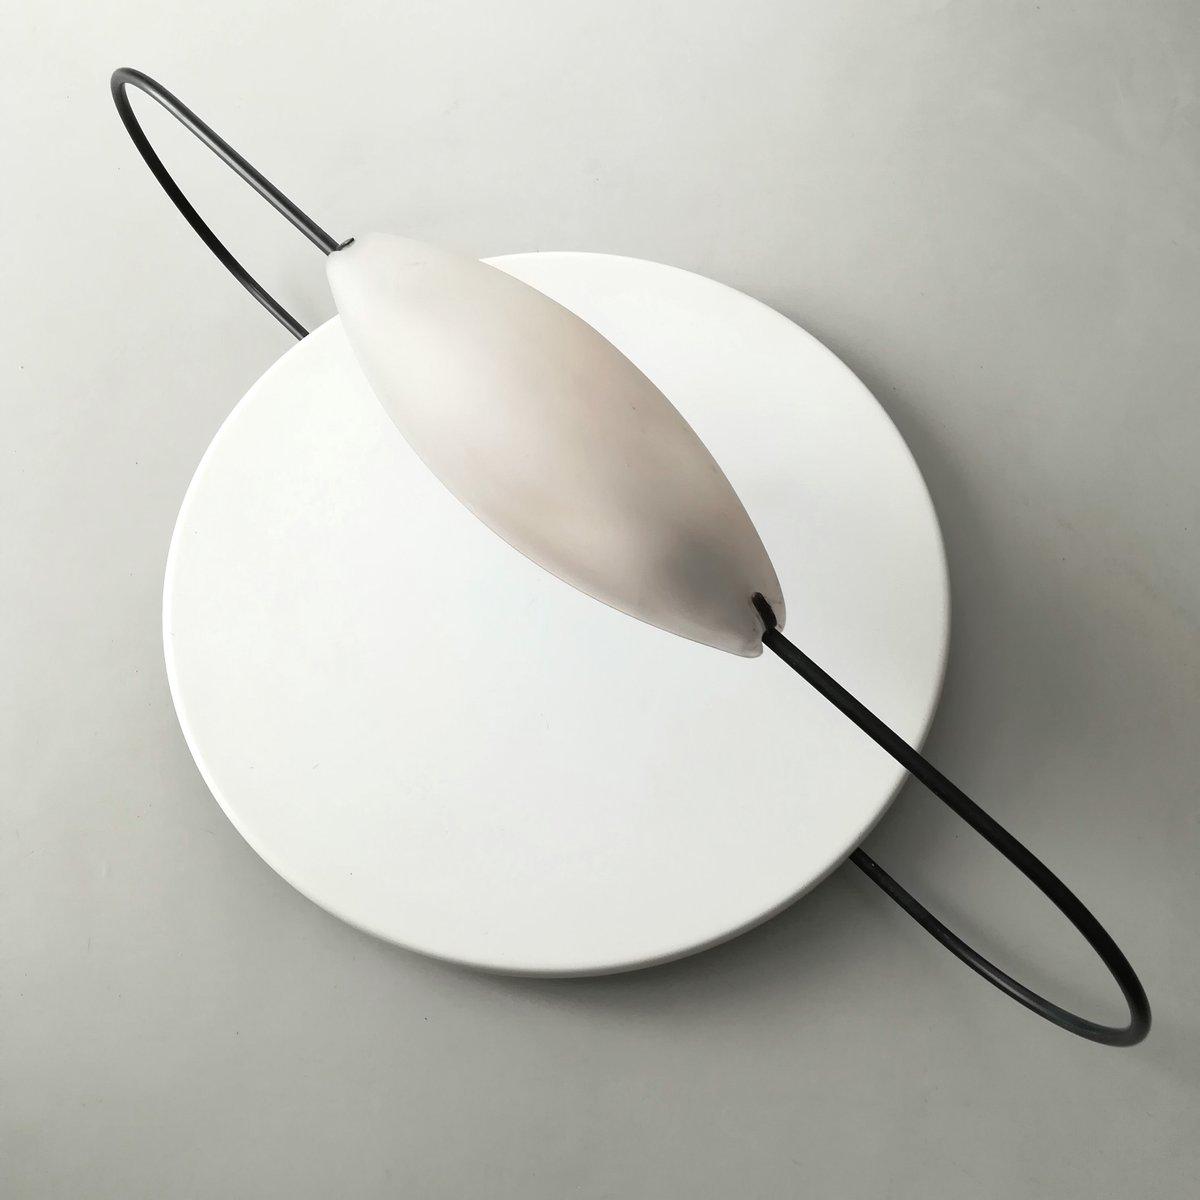 Spilla Decken- oder Wandlampe von Luciano Pagani für Arteluce, 1980er